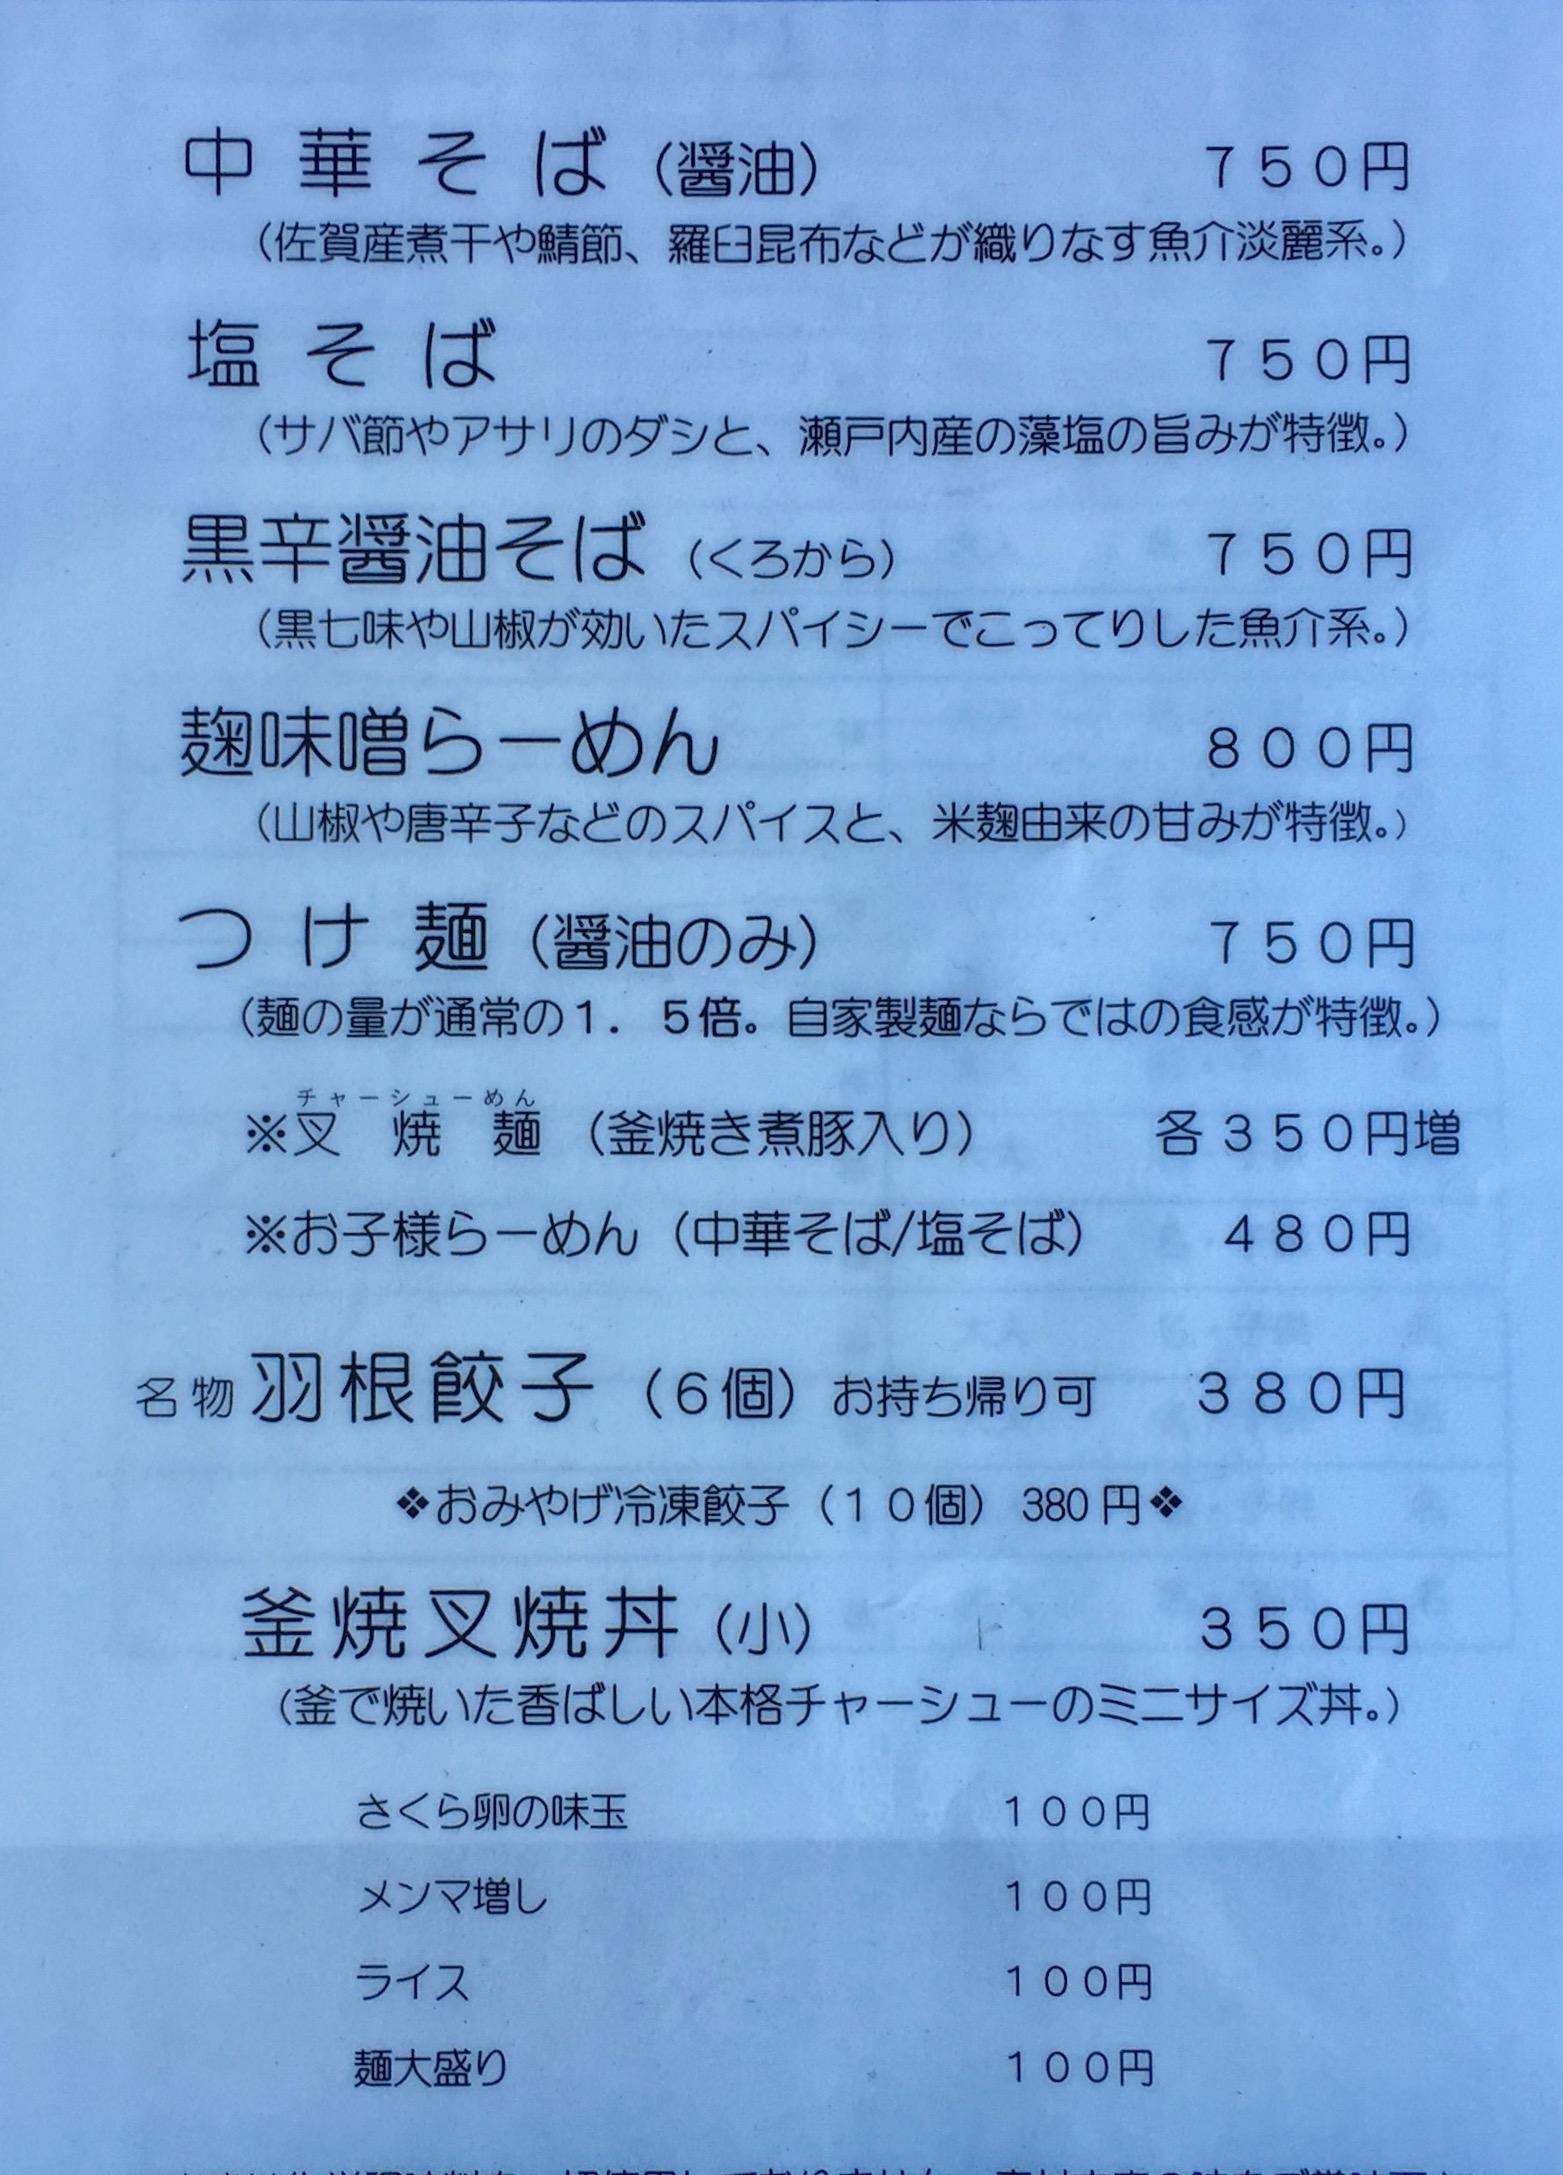 磐田 ヤマシロ らーめん